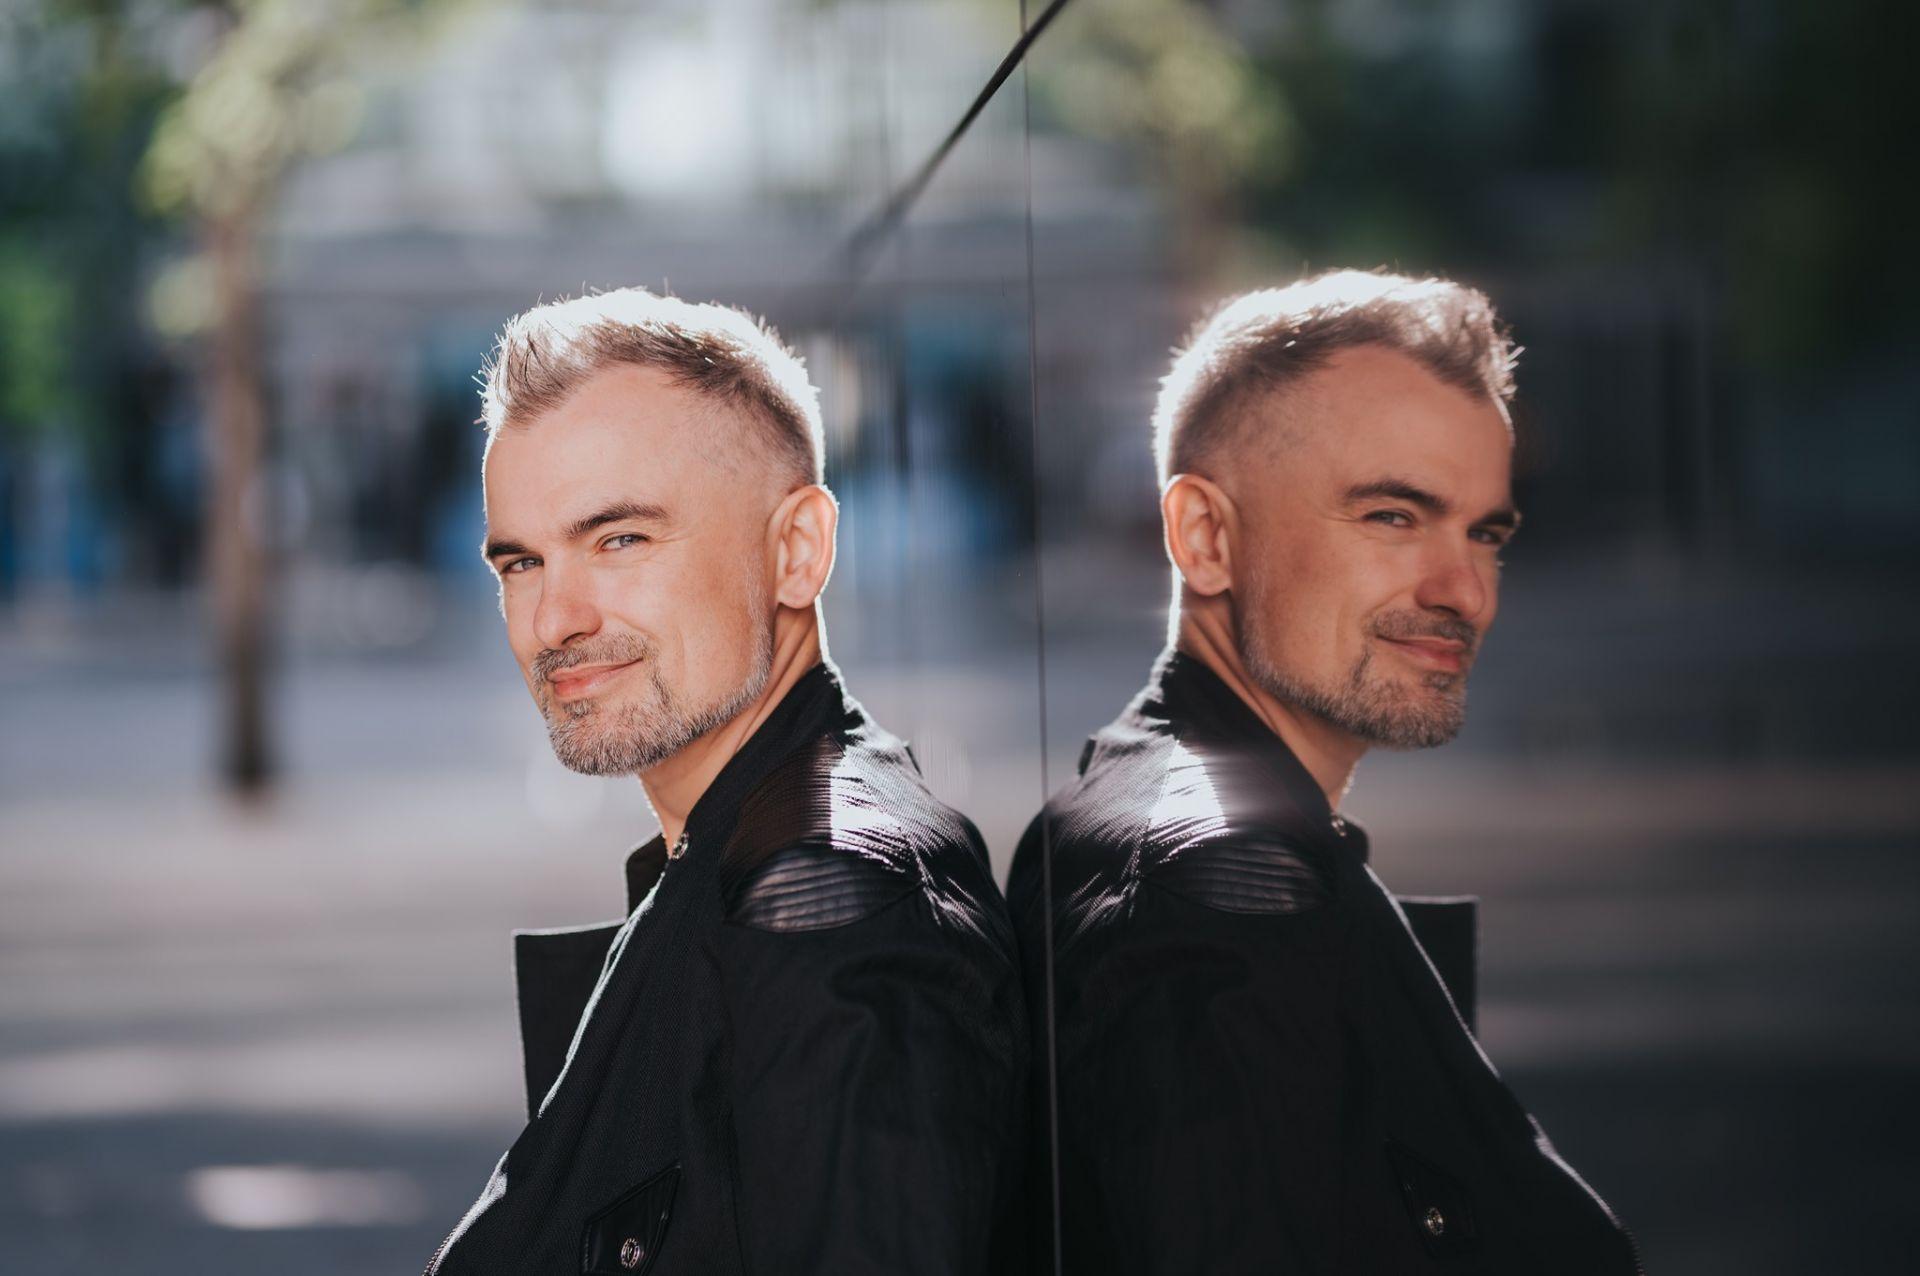 zdjęcie Michała Rudasia, fot. A. Kacprzak